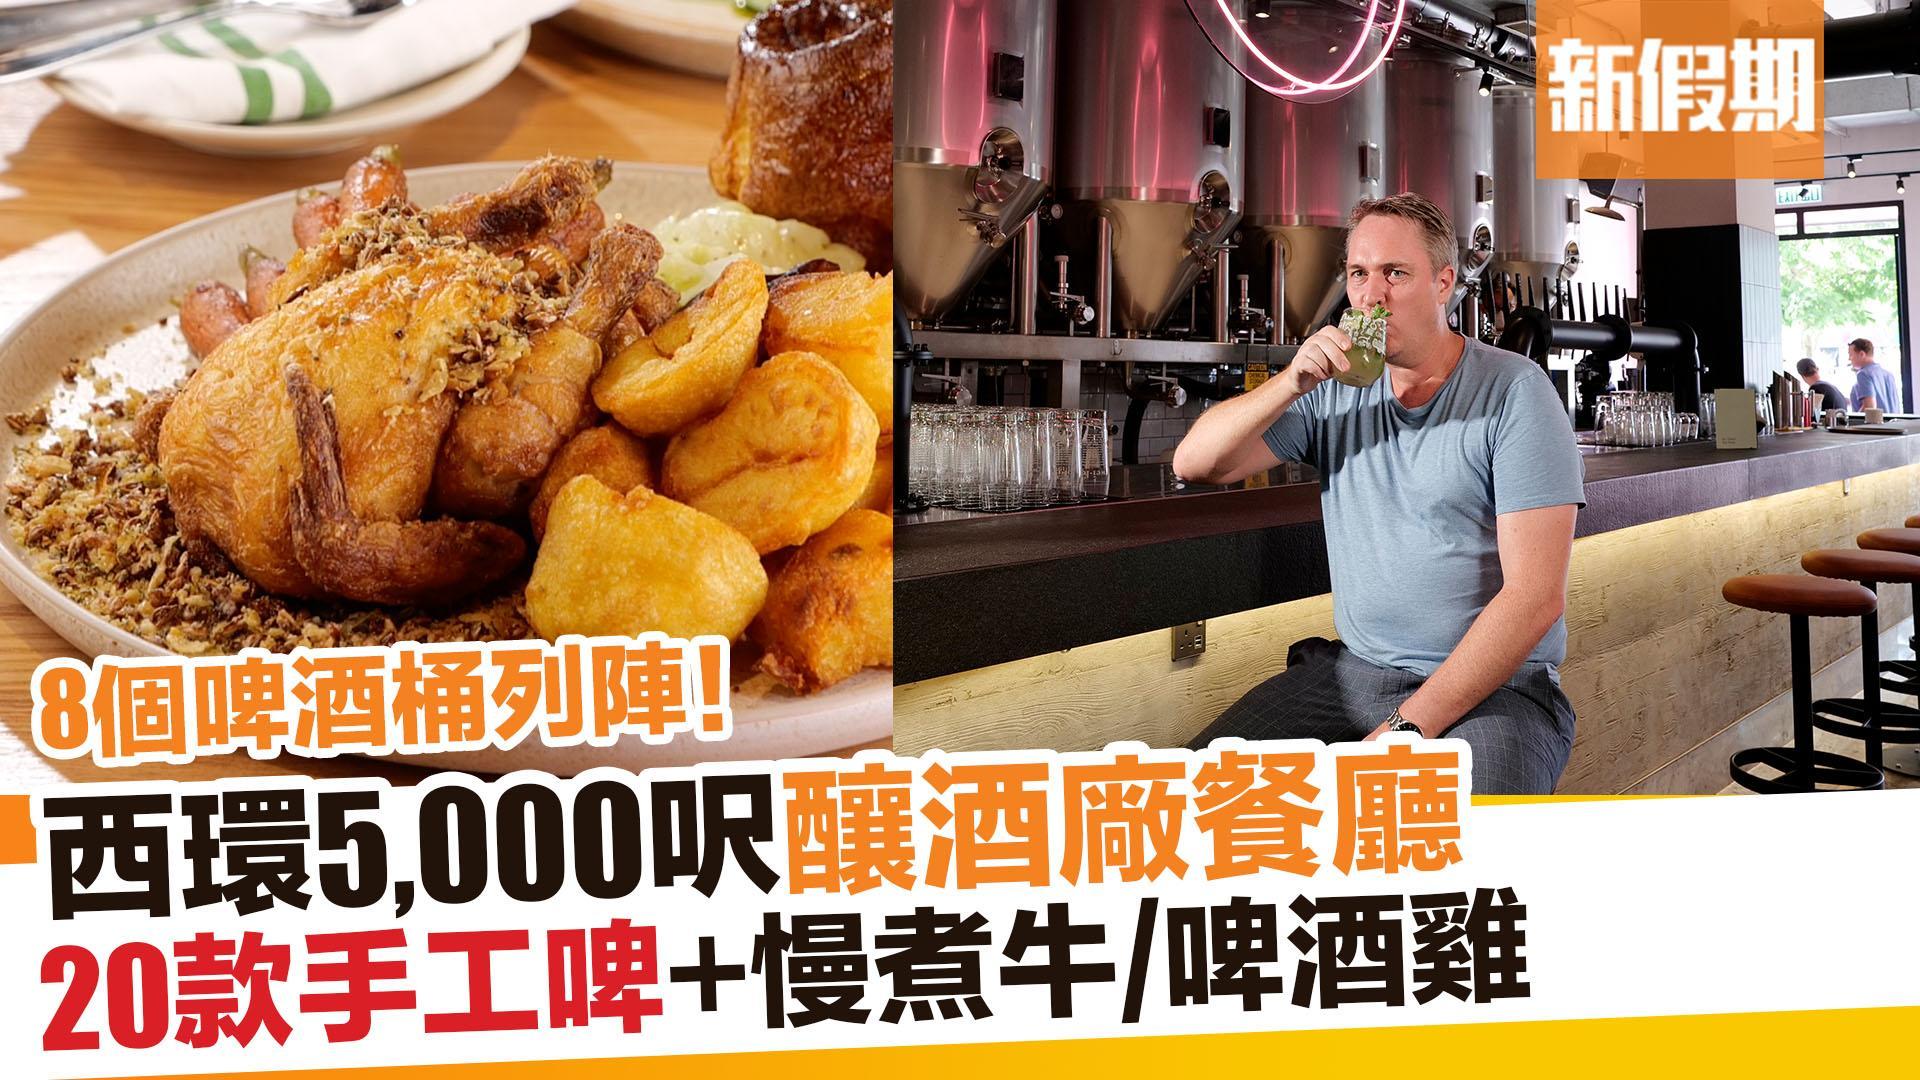 【區區搵食】西環5,000呎手工啤餐廳酒吧Grain開幕!|新假期